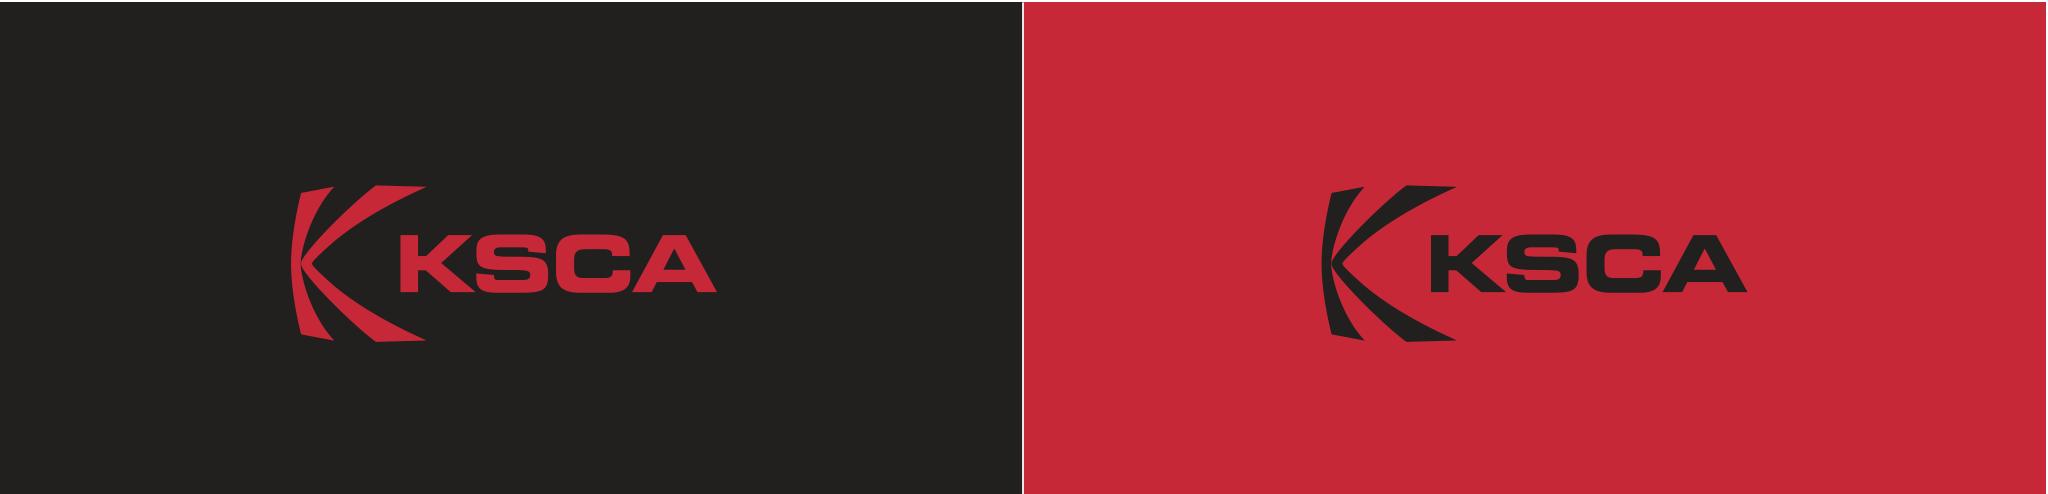 KSCA logo variations